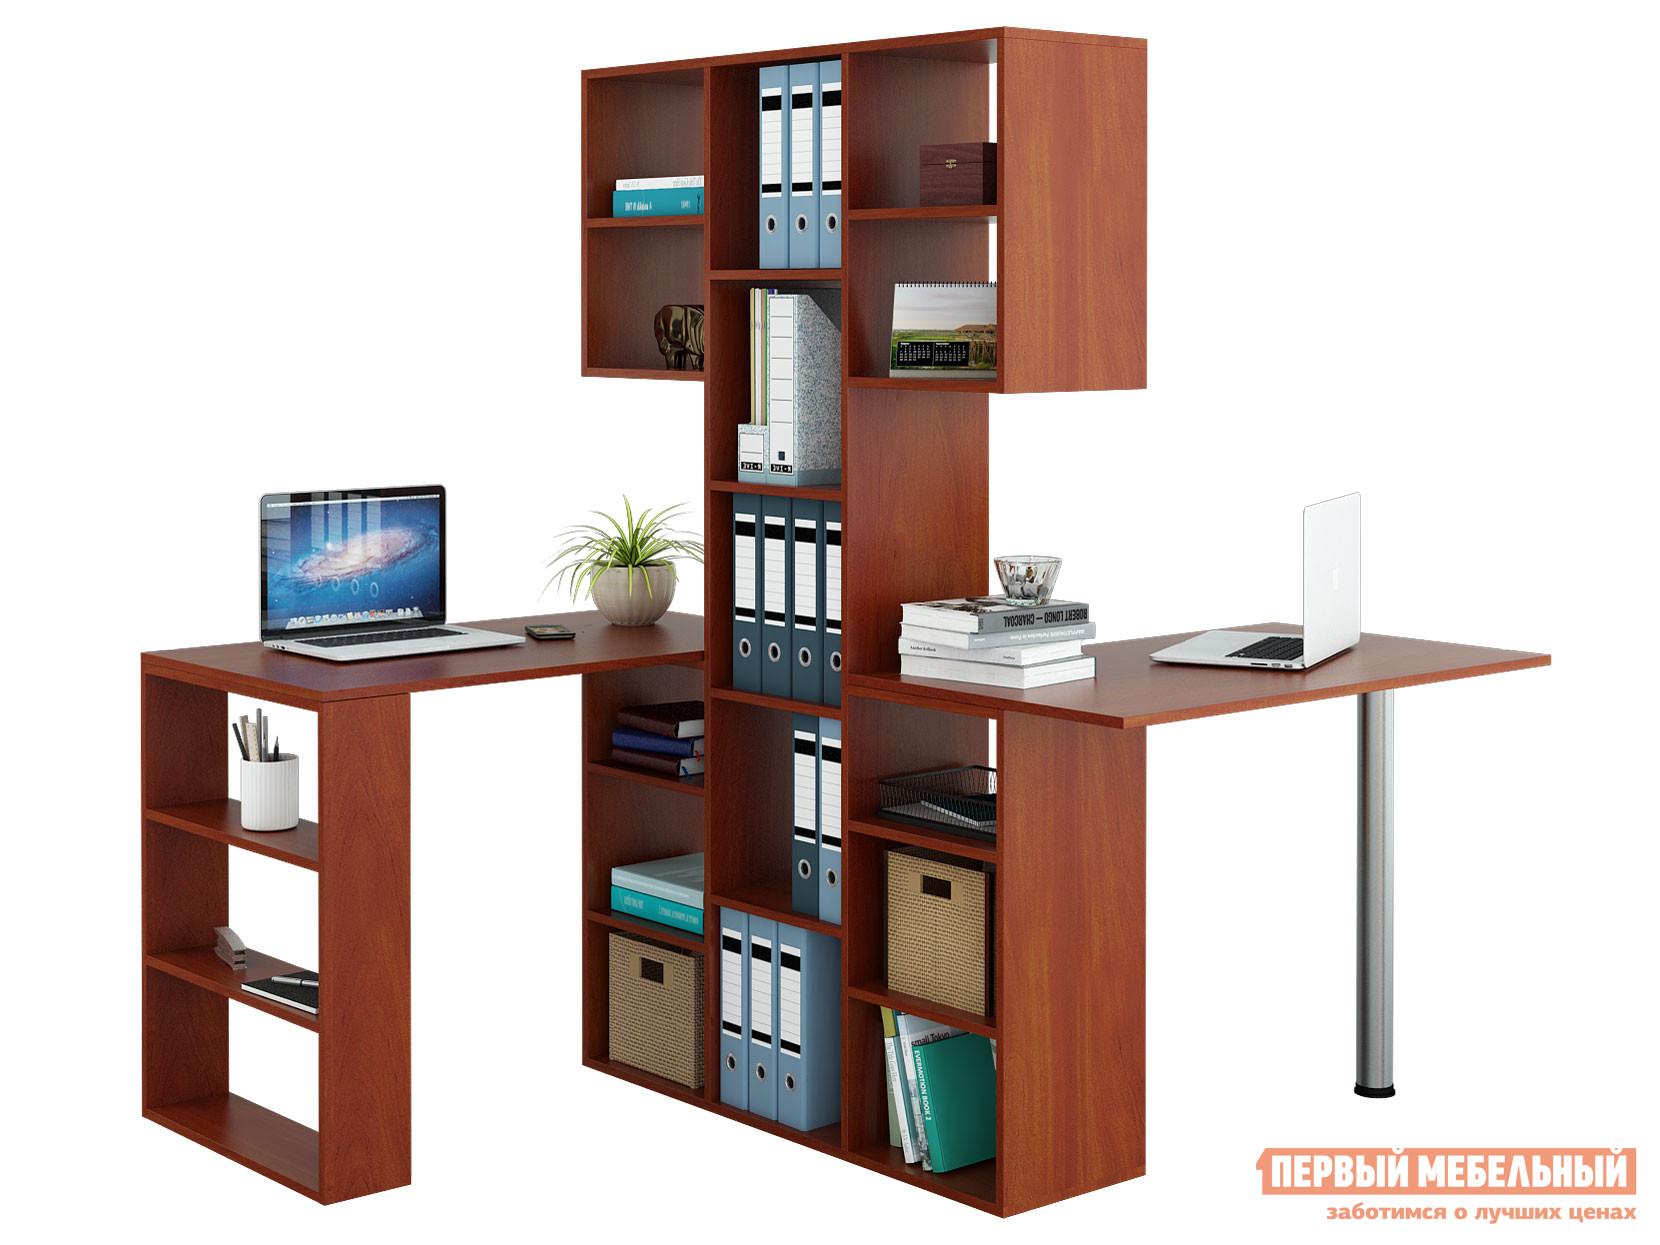 Угловой компьютерный стол МФ Мастер Рикс-3 + Рикс-5 Рикс-6